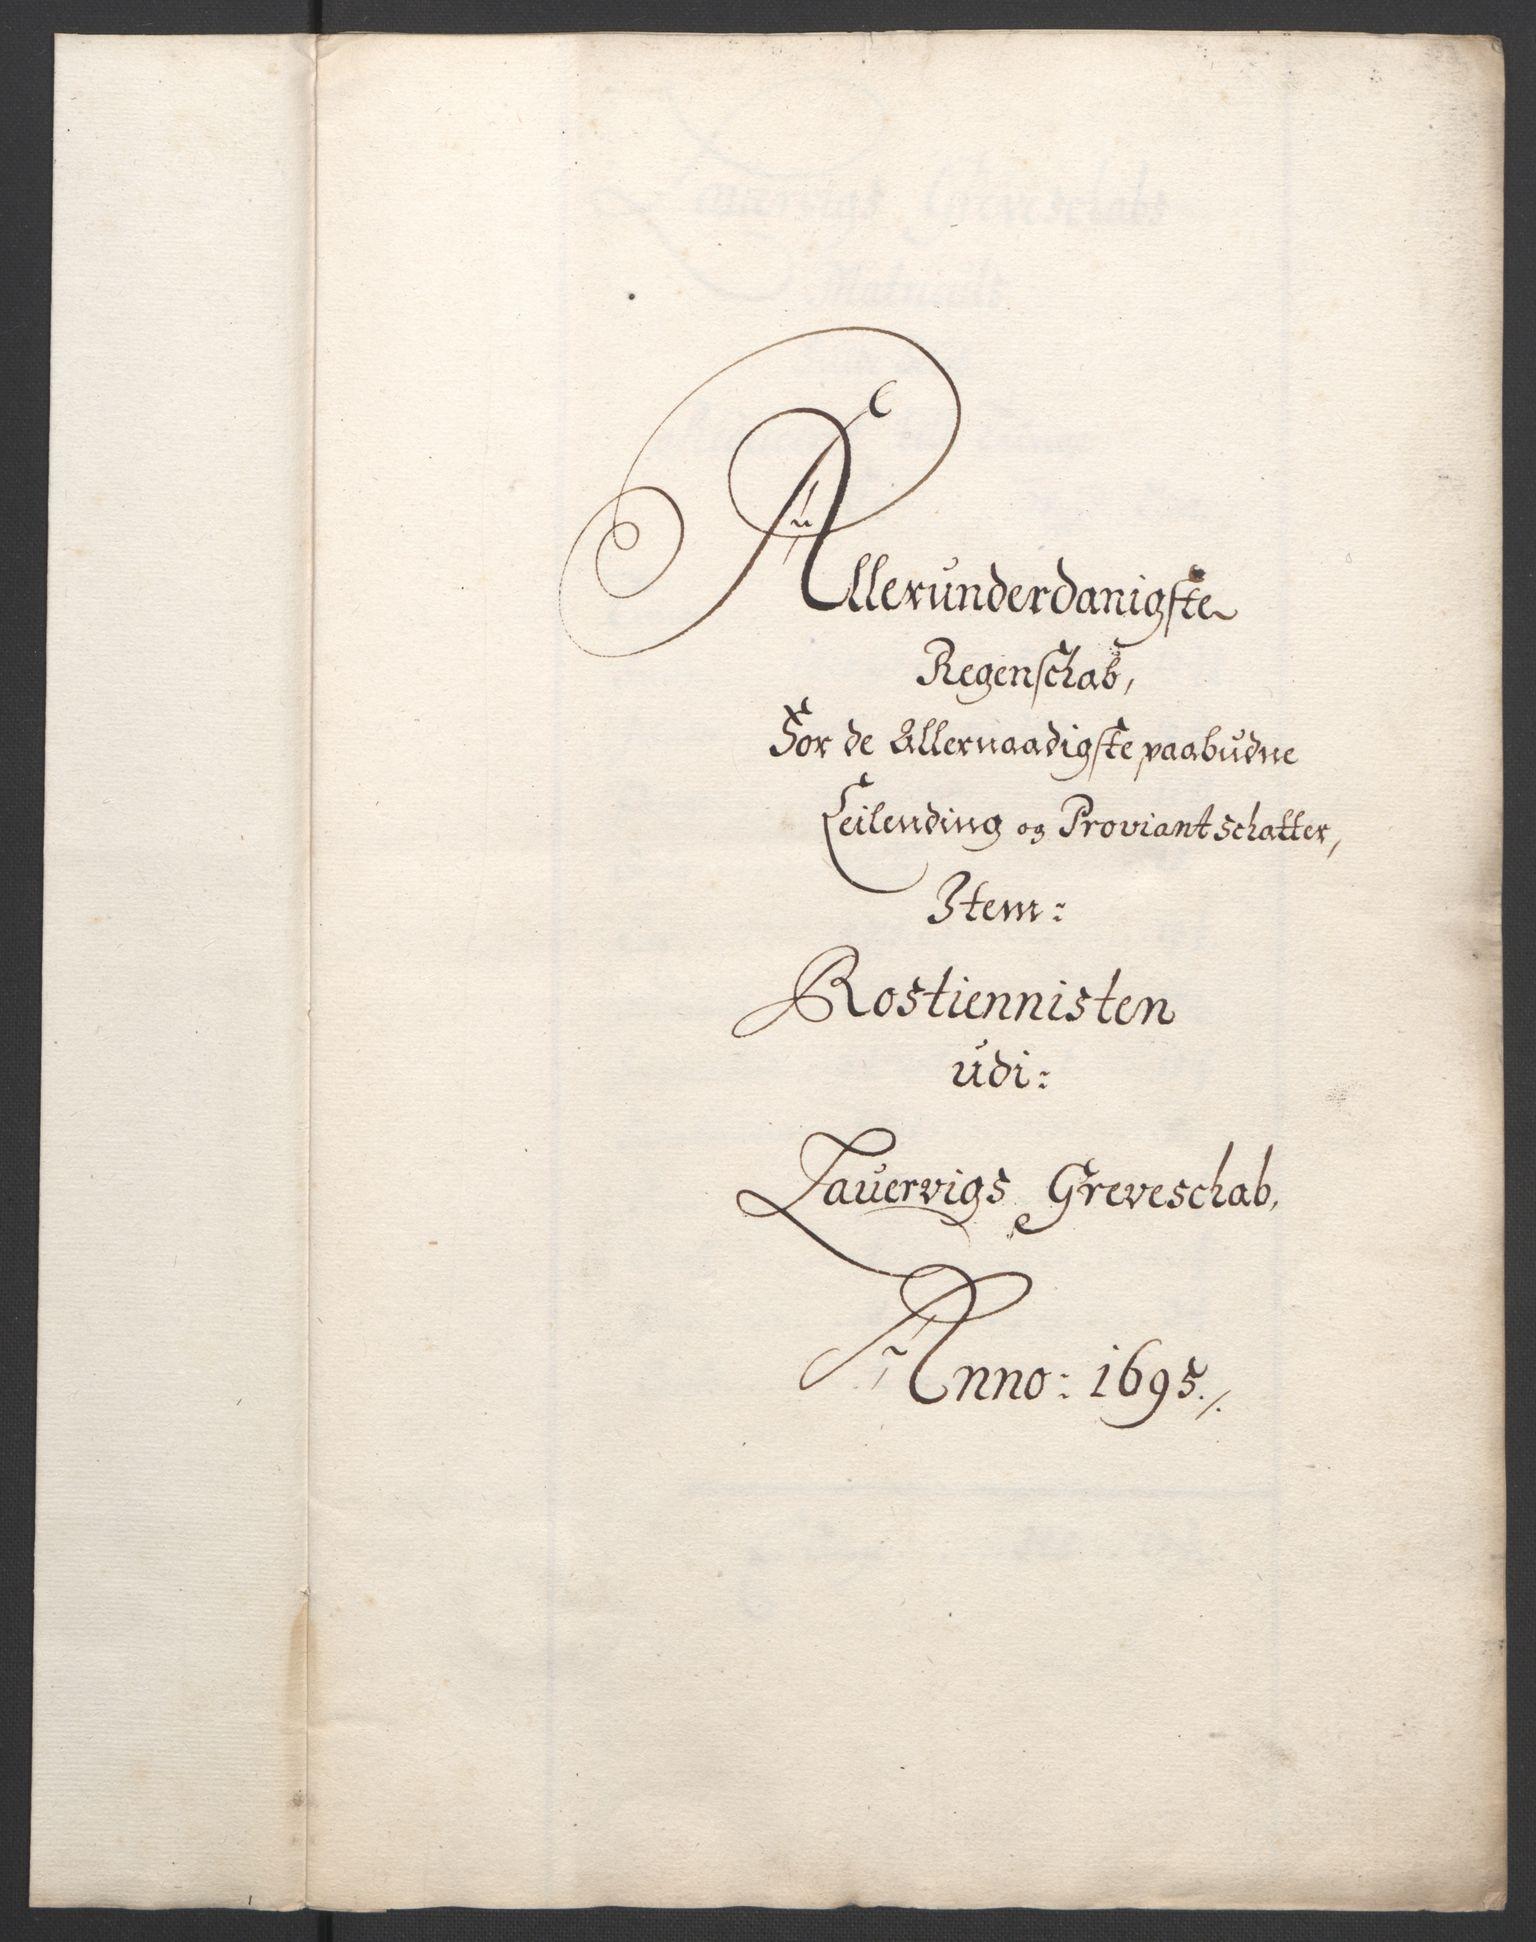 RA, Rentekammeret inntil 1814, Reviderte regnskaper, Fogderegnskap, R33/L1974: Fogderegnskap Larvik grevskap, 1693-1695, s. 198